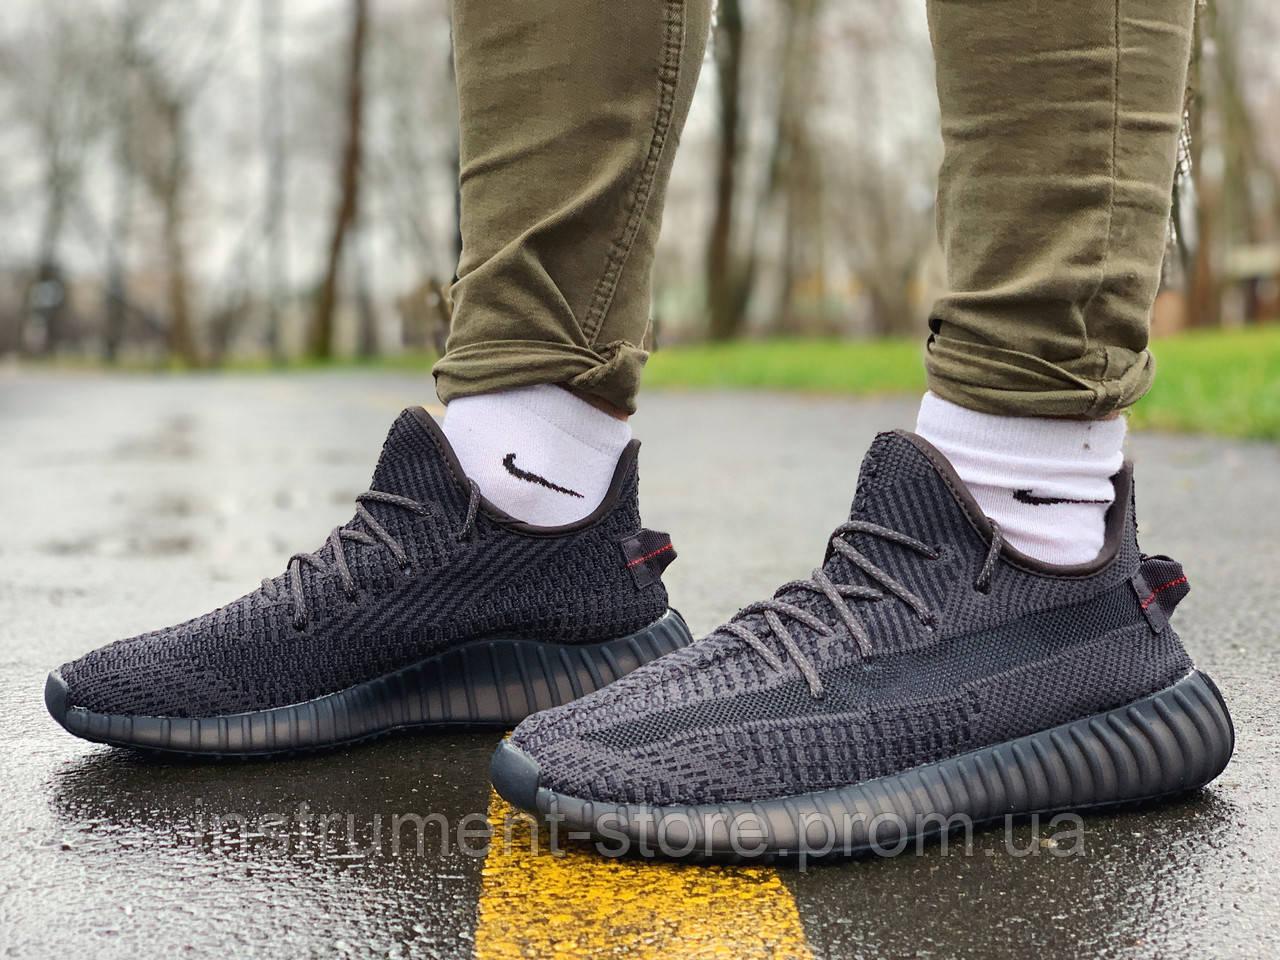 Кроссовки  Adidas Yeezy Boost 350 V 2  Адидас Изи Буст В2  (41,42,43,44)